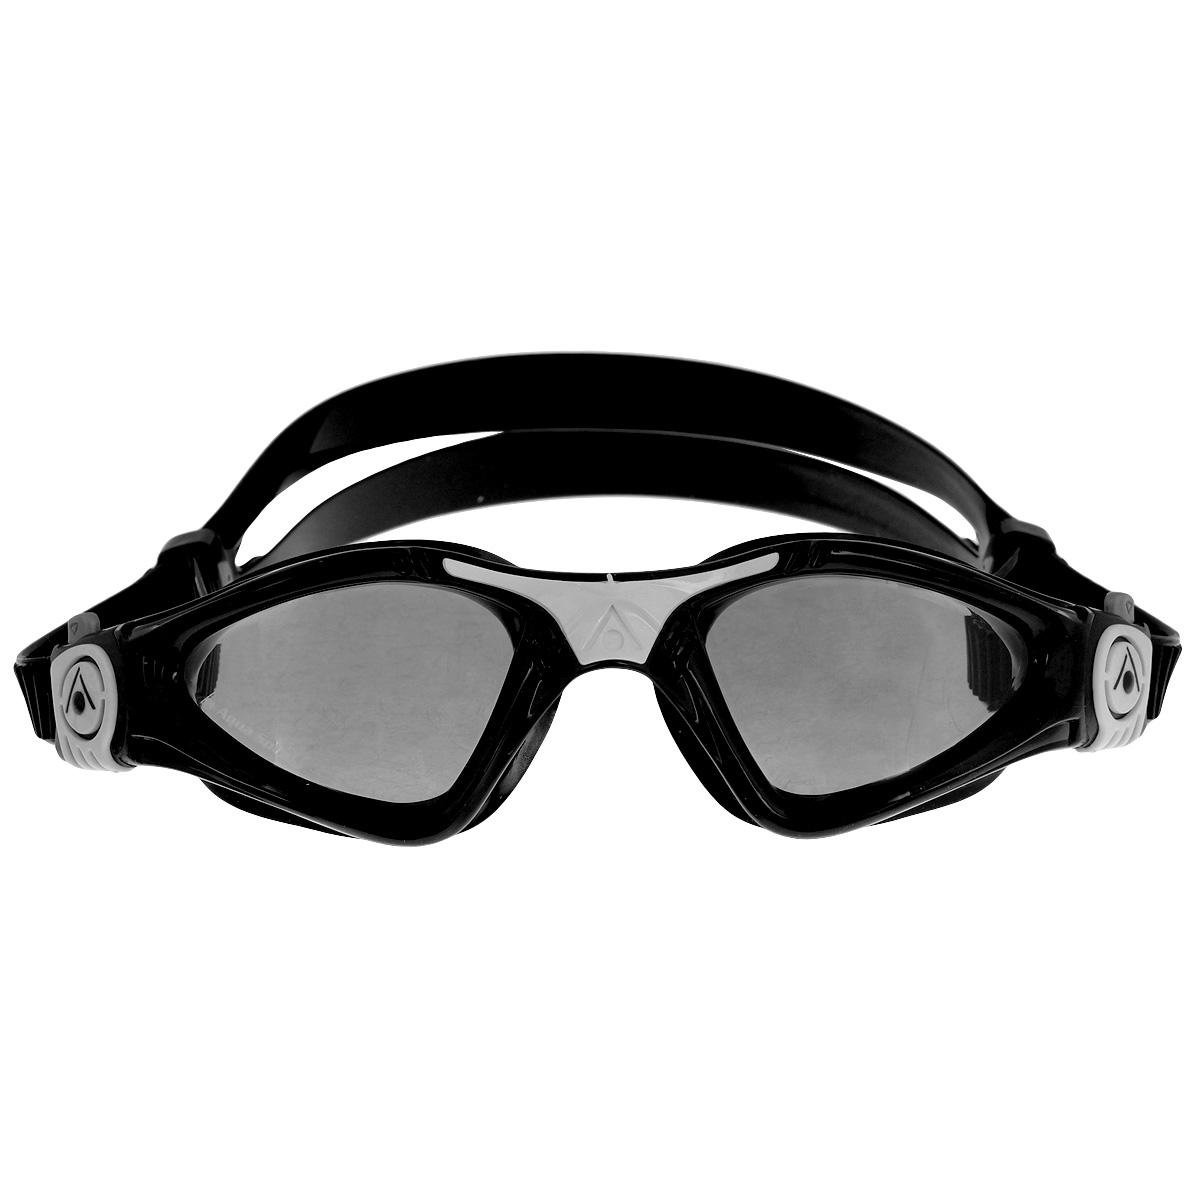 Очки для плавания Aqua Sphere Kayenne Small, цвет: черный, белыйTN 170890Детские очки для плавания Aqua Sphere Kayenne Small идеально подходят для плавания в бассейне или открытой воде. Оснащены линзами с антизапотевающим покрытием, которые устойчивы к появлению царапин. Мягкий комфортный обтюратор плотно прилегает к лицу.Запатентованные изогнутые линзы дают прекрасный обзор на 180° - без искажений. Рамка имеет гидродинамическую форму. Очки оснащены удобными быстрорегулируемыми пряжками.Детский вариант популярных очков для плавания Aqua Sphere Kayenne сохраняет все лучшее от взрослой модели:мягкую не травмирующую обтюрациюувеличенную линзуудобную регулировку ремешковРасцветка и дизайн обязательно понравятся вашему ребенку!Материал: софтерил, plexisol.